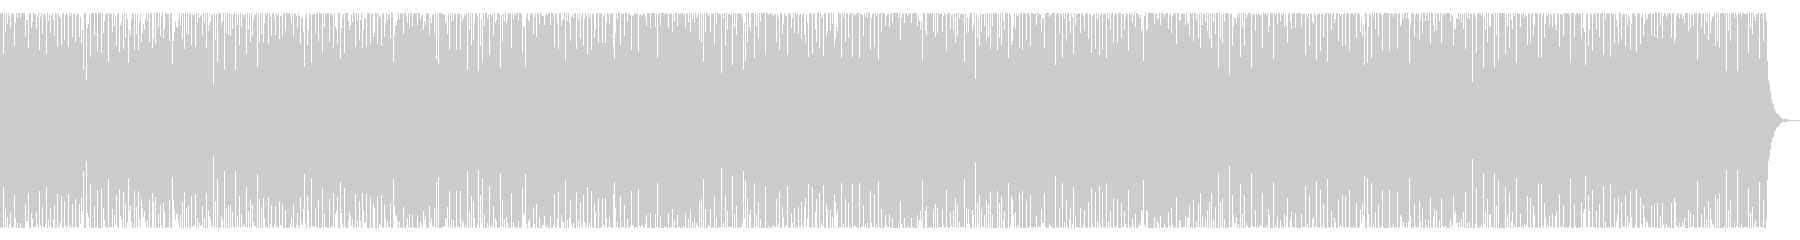 童謡「こいのぼり」元気いっぱいポップの未再生の波形